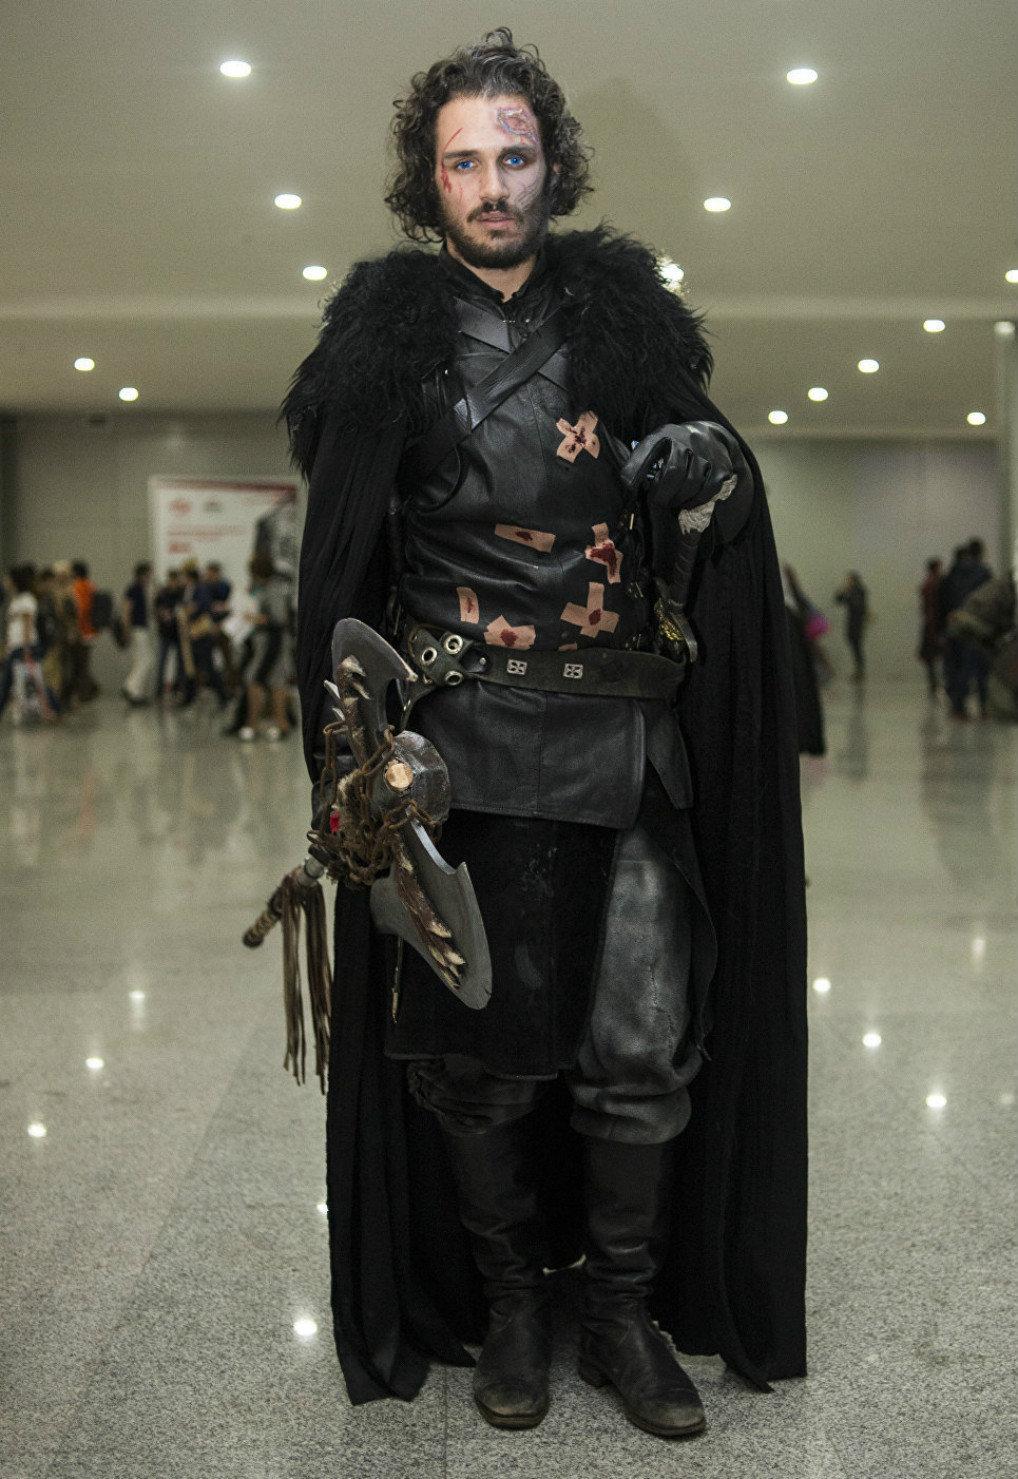 Mikhail escolheu vir fantasiado de Jon Snow este ano, personagem da série Game of Thrones